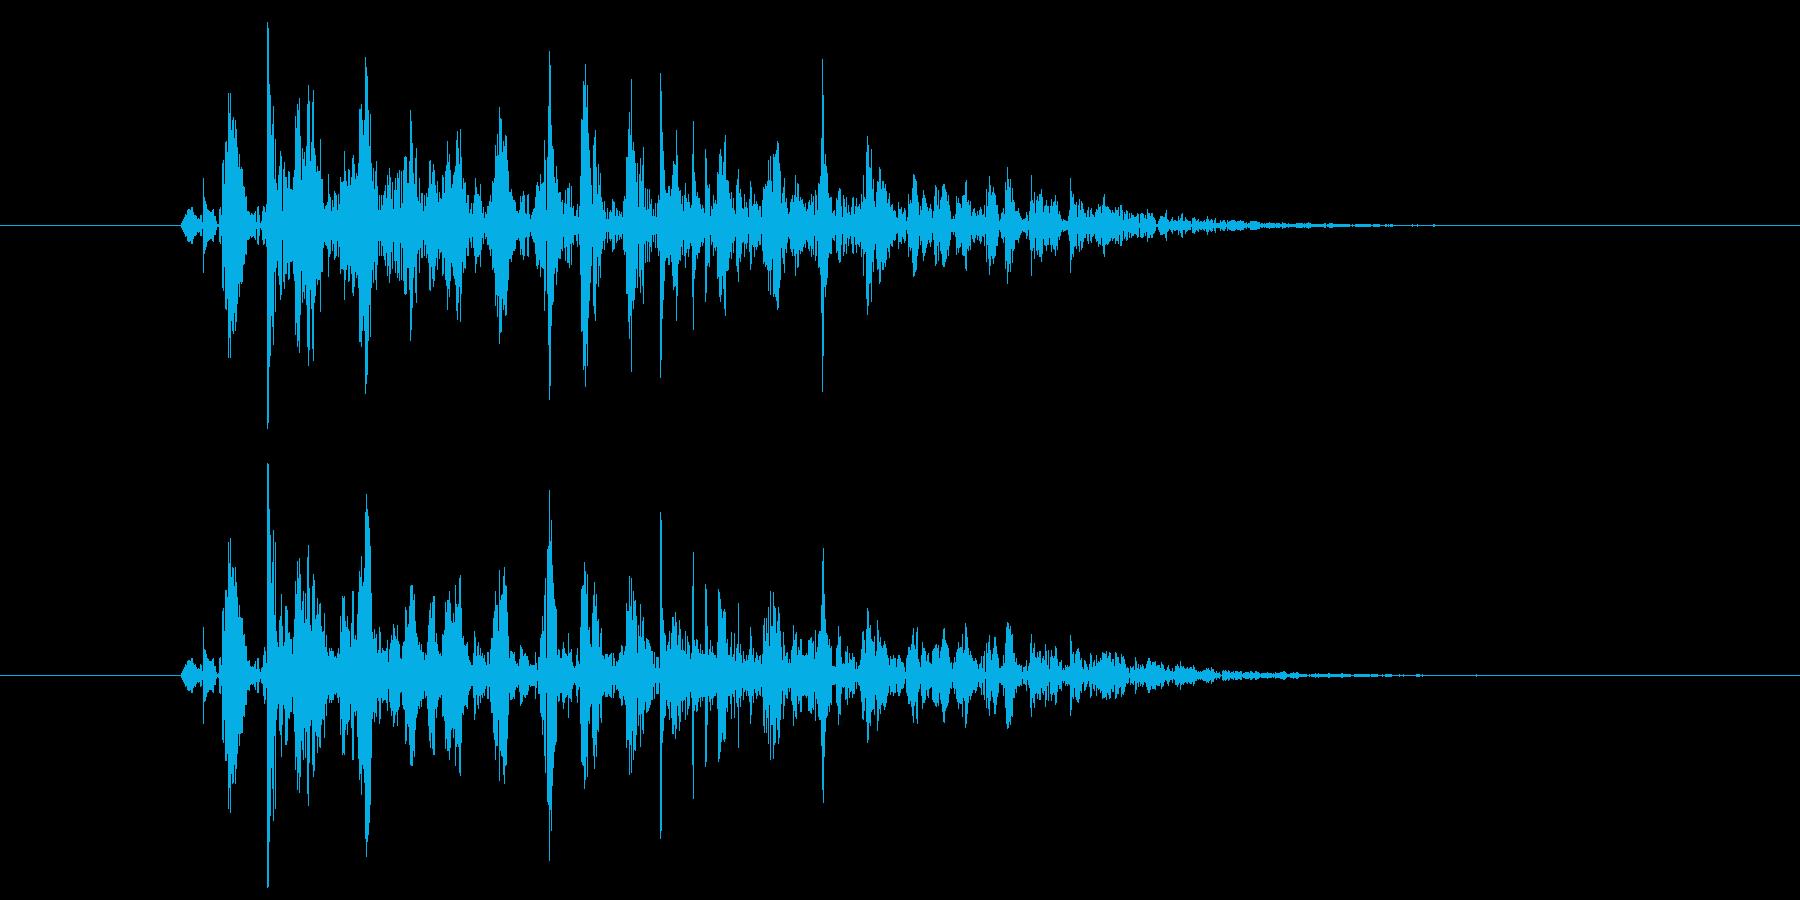 ブクブク(泡のような音) A01の再生済みの波形